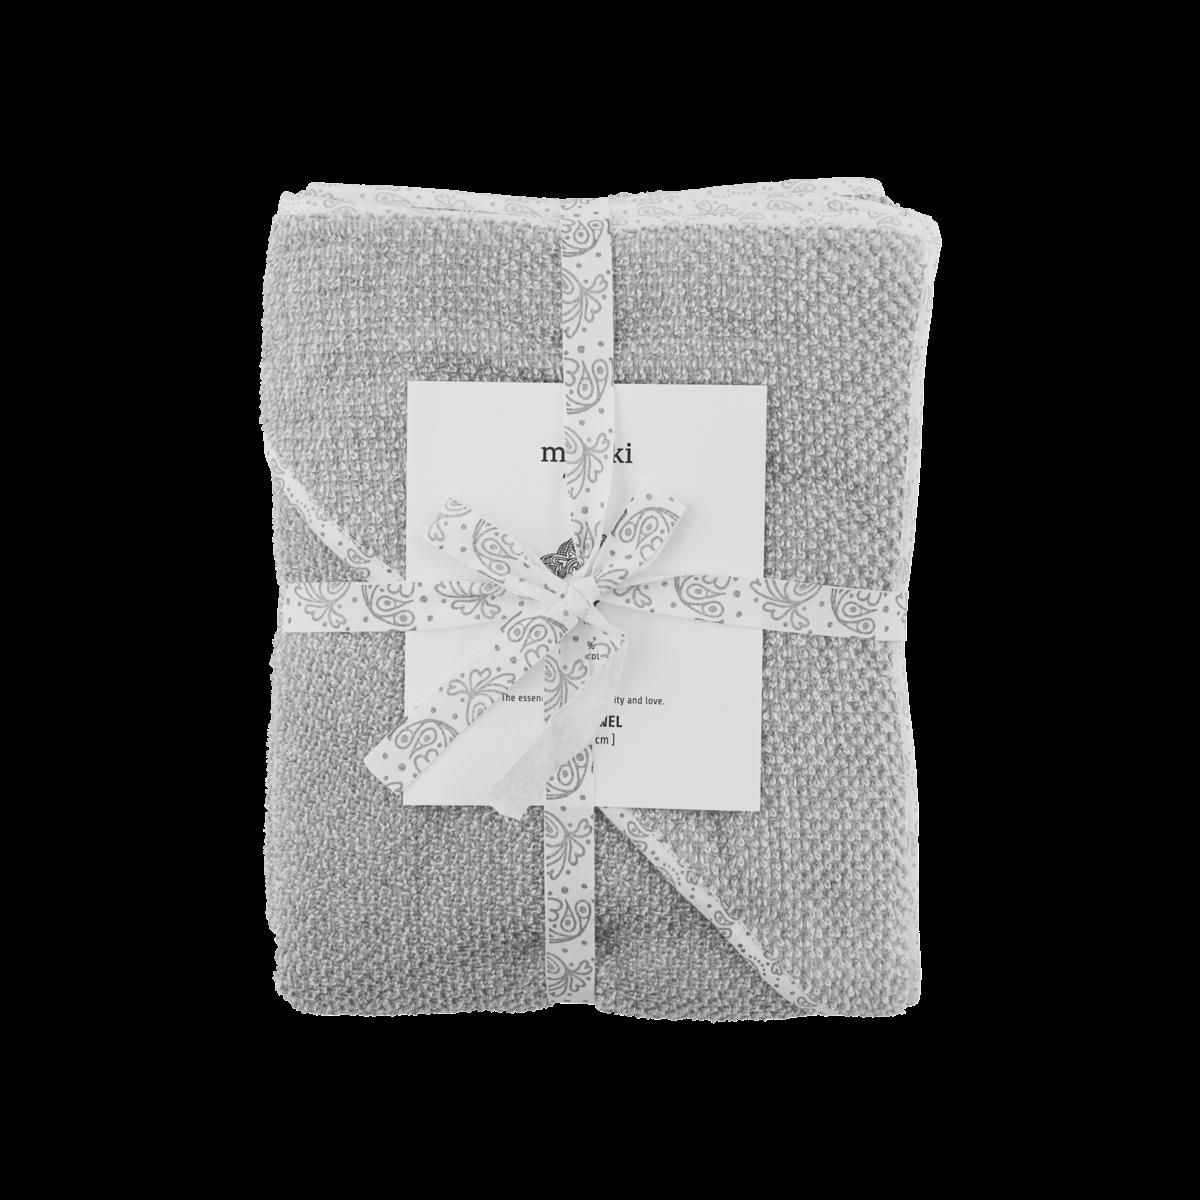 Blødt og praktisk badehåndklæde til baby | Meraki Mini - Meraki Mini - Thomsons